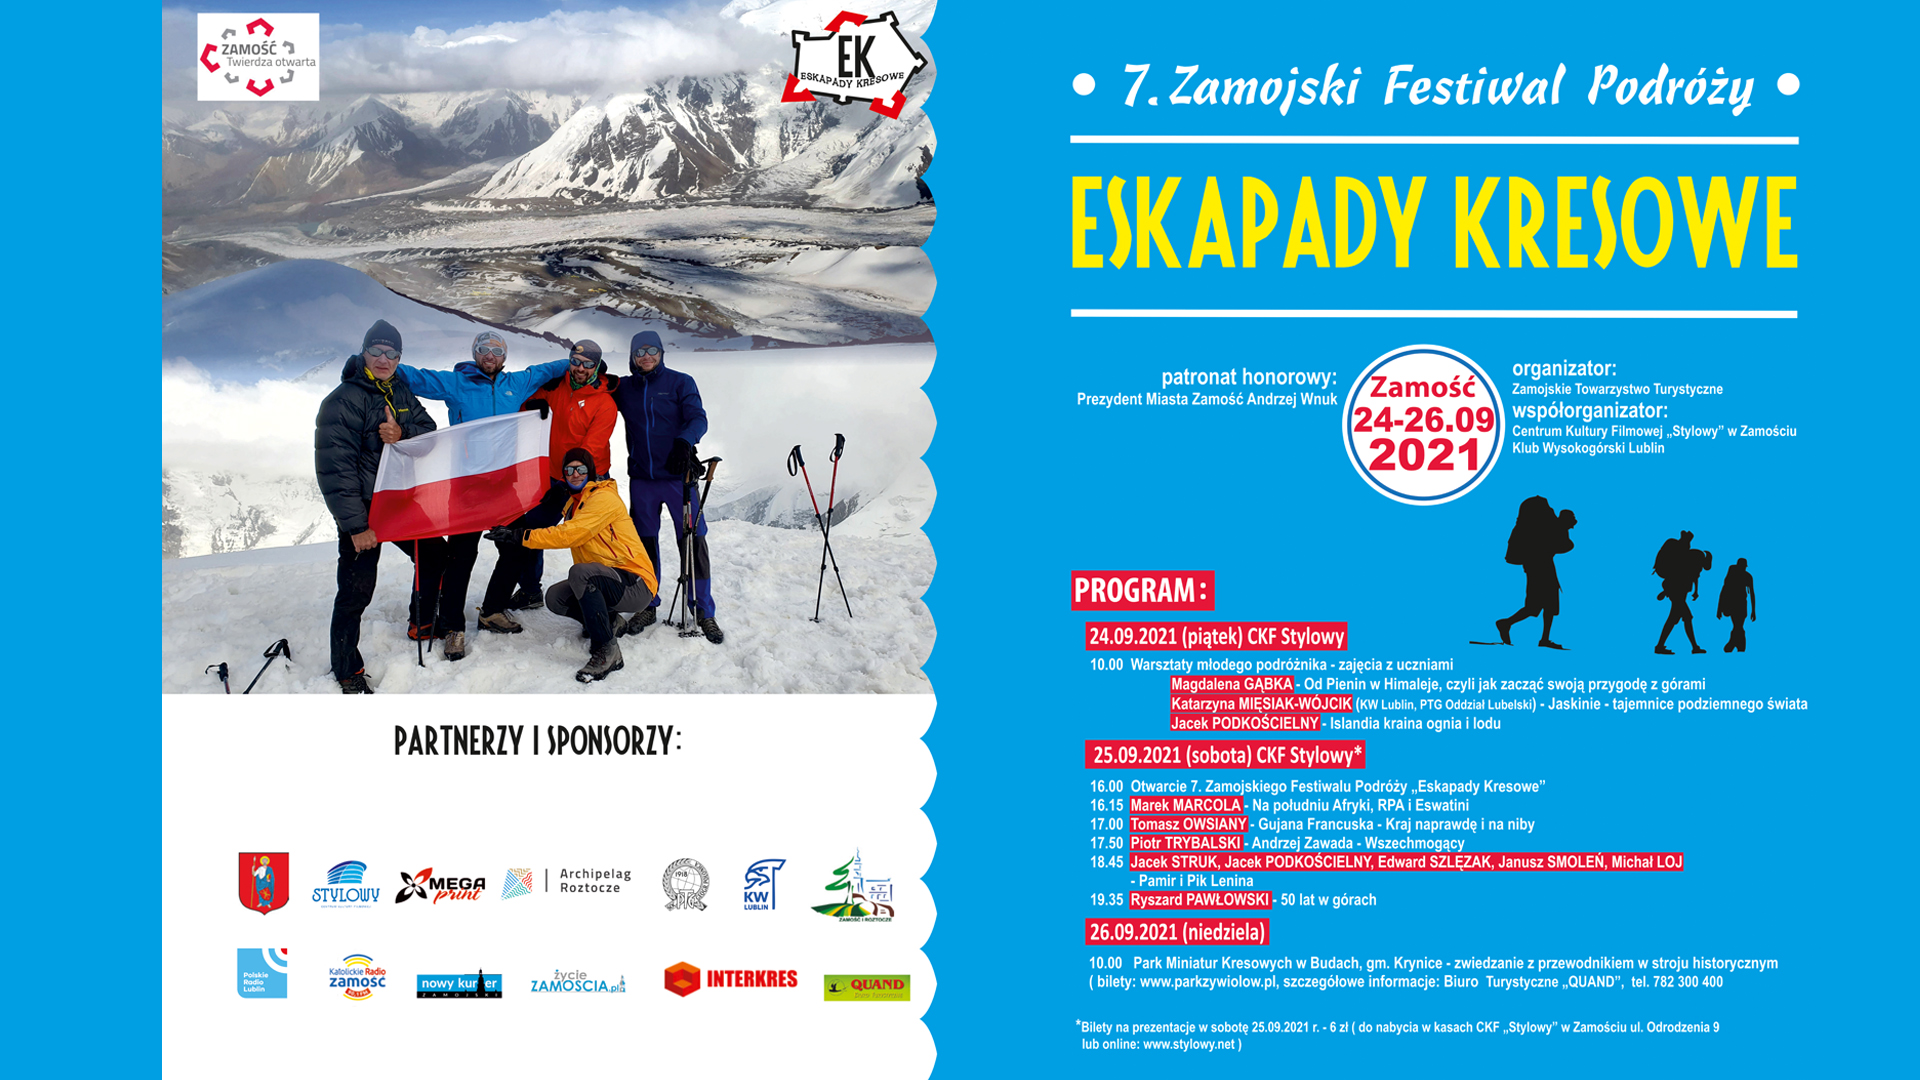 """eskapady Przed nami 7. Zamojski Festiwal Podróży """"Eskapady Kresowe"""""""